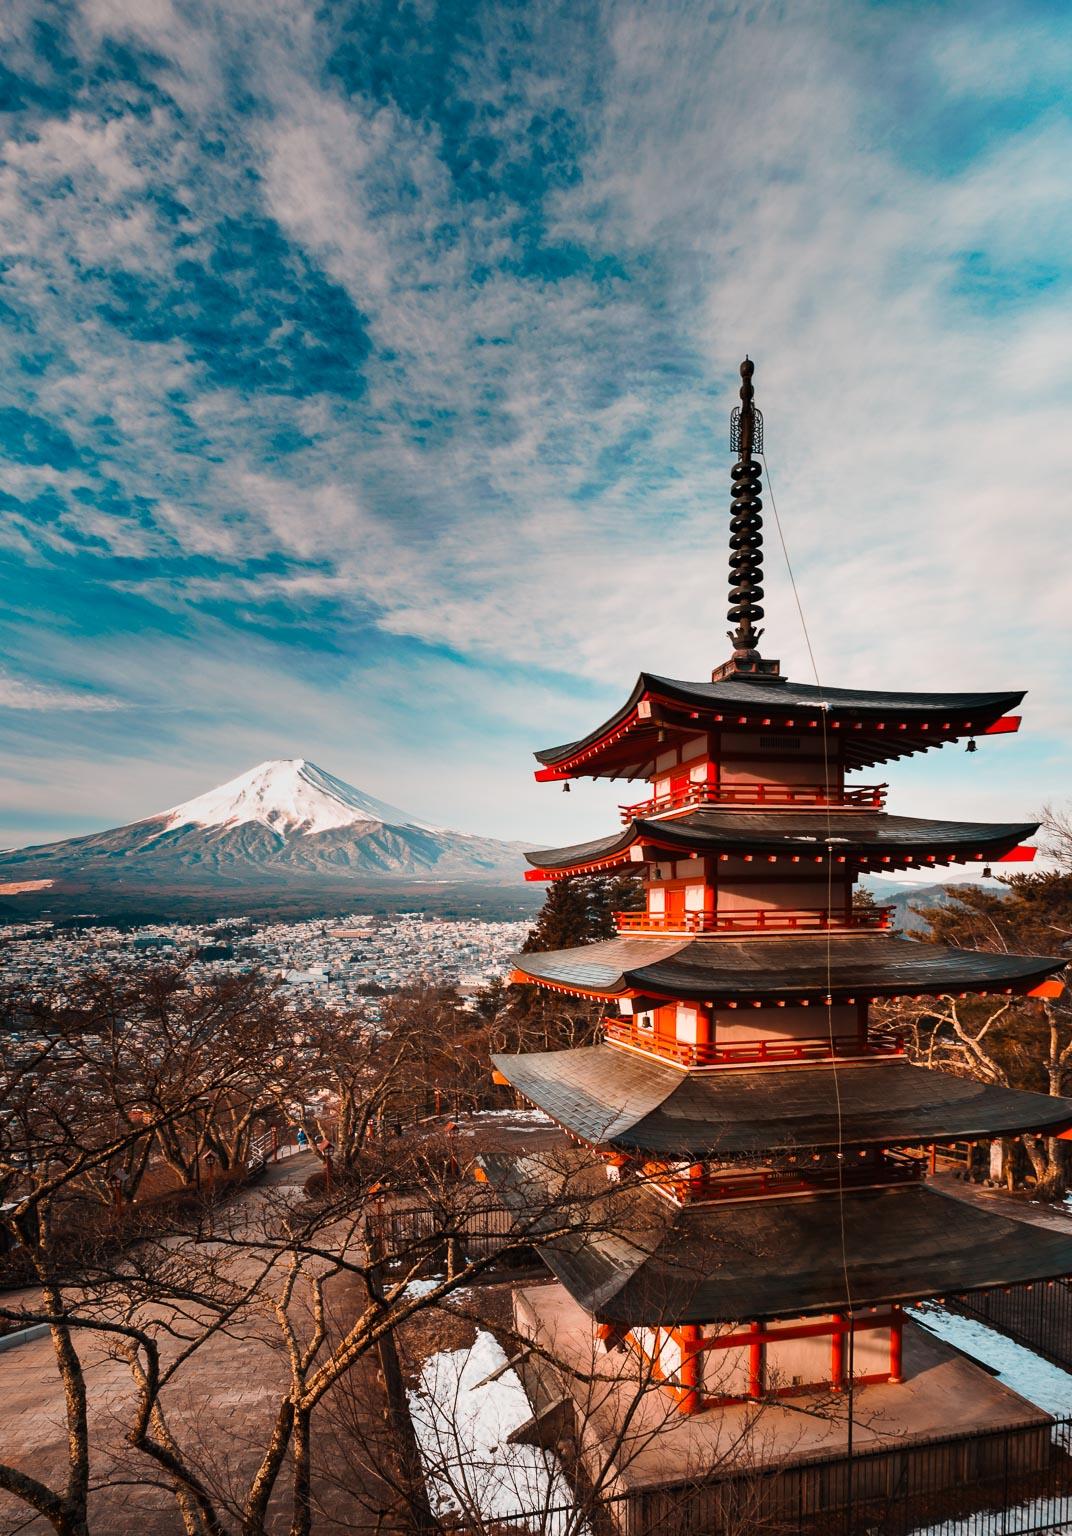 Chureito Pagoda - ISO 400, F11 @ 1/60th